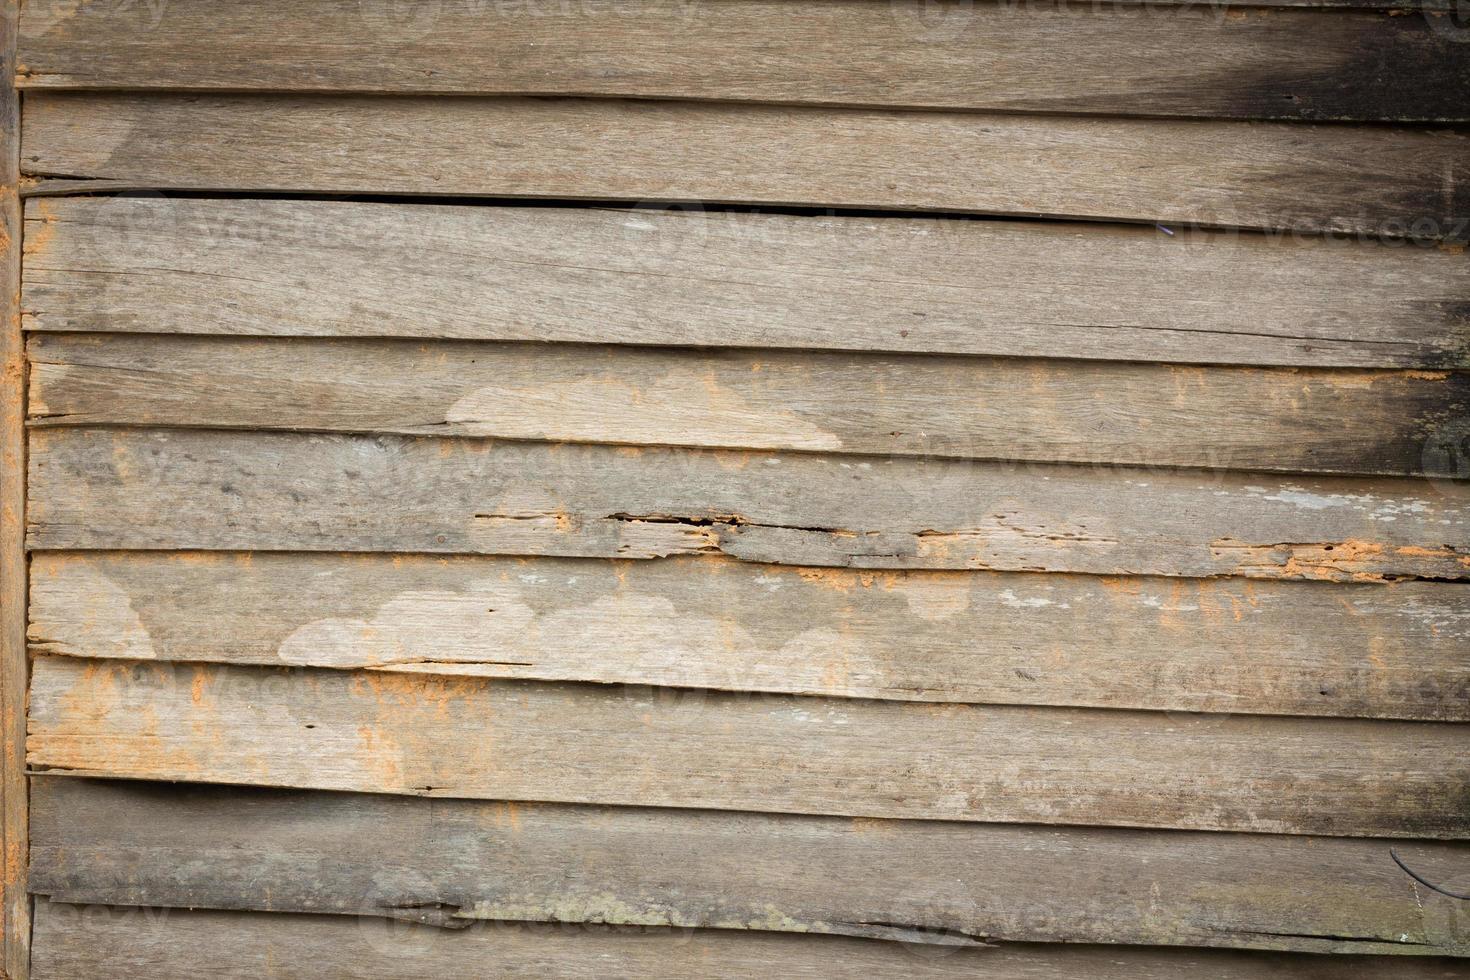 konsistens av gammal trähusvägg i asiatisk stil. foto